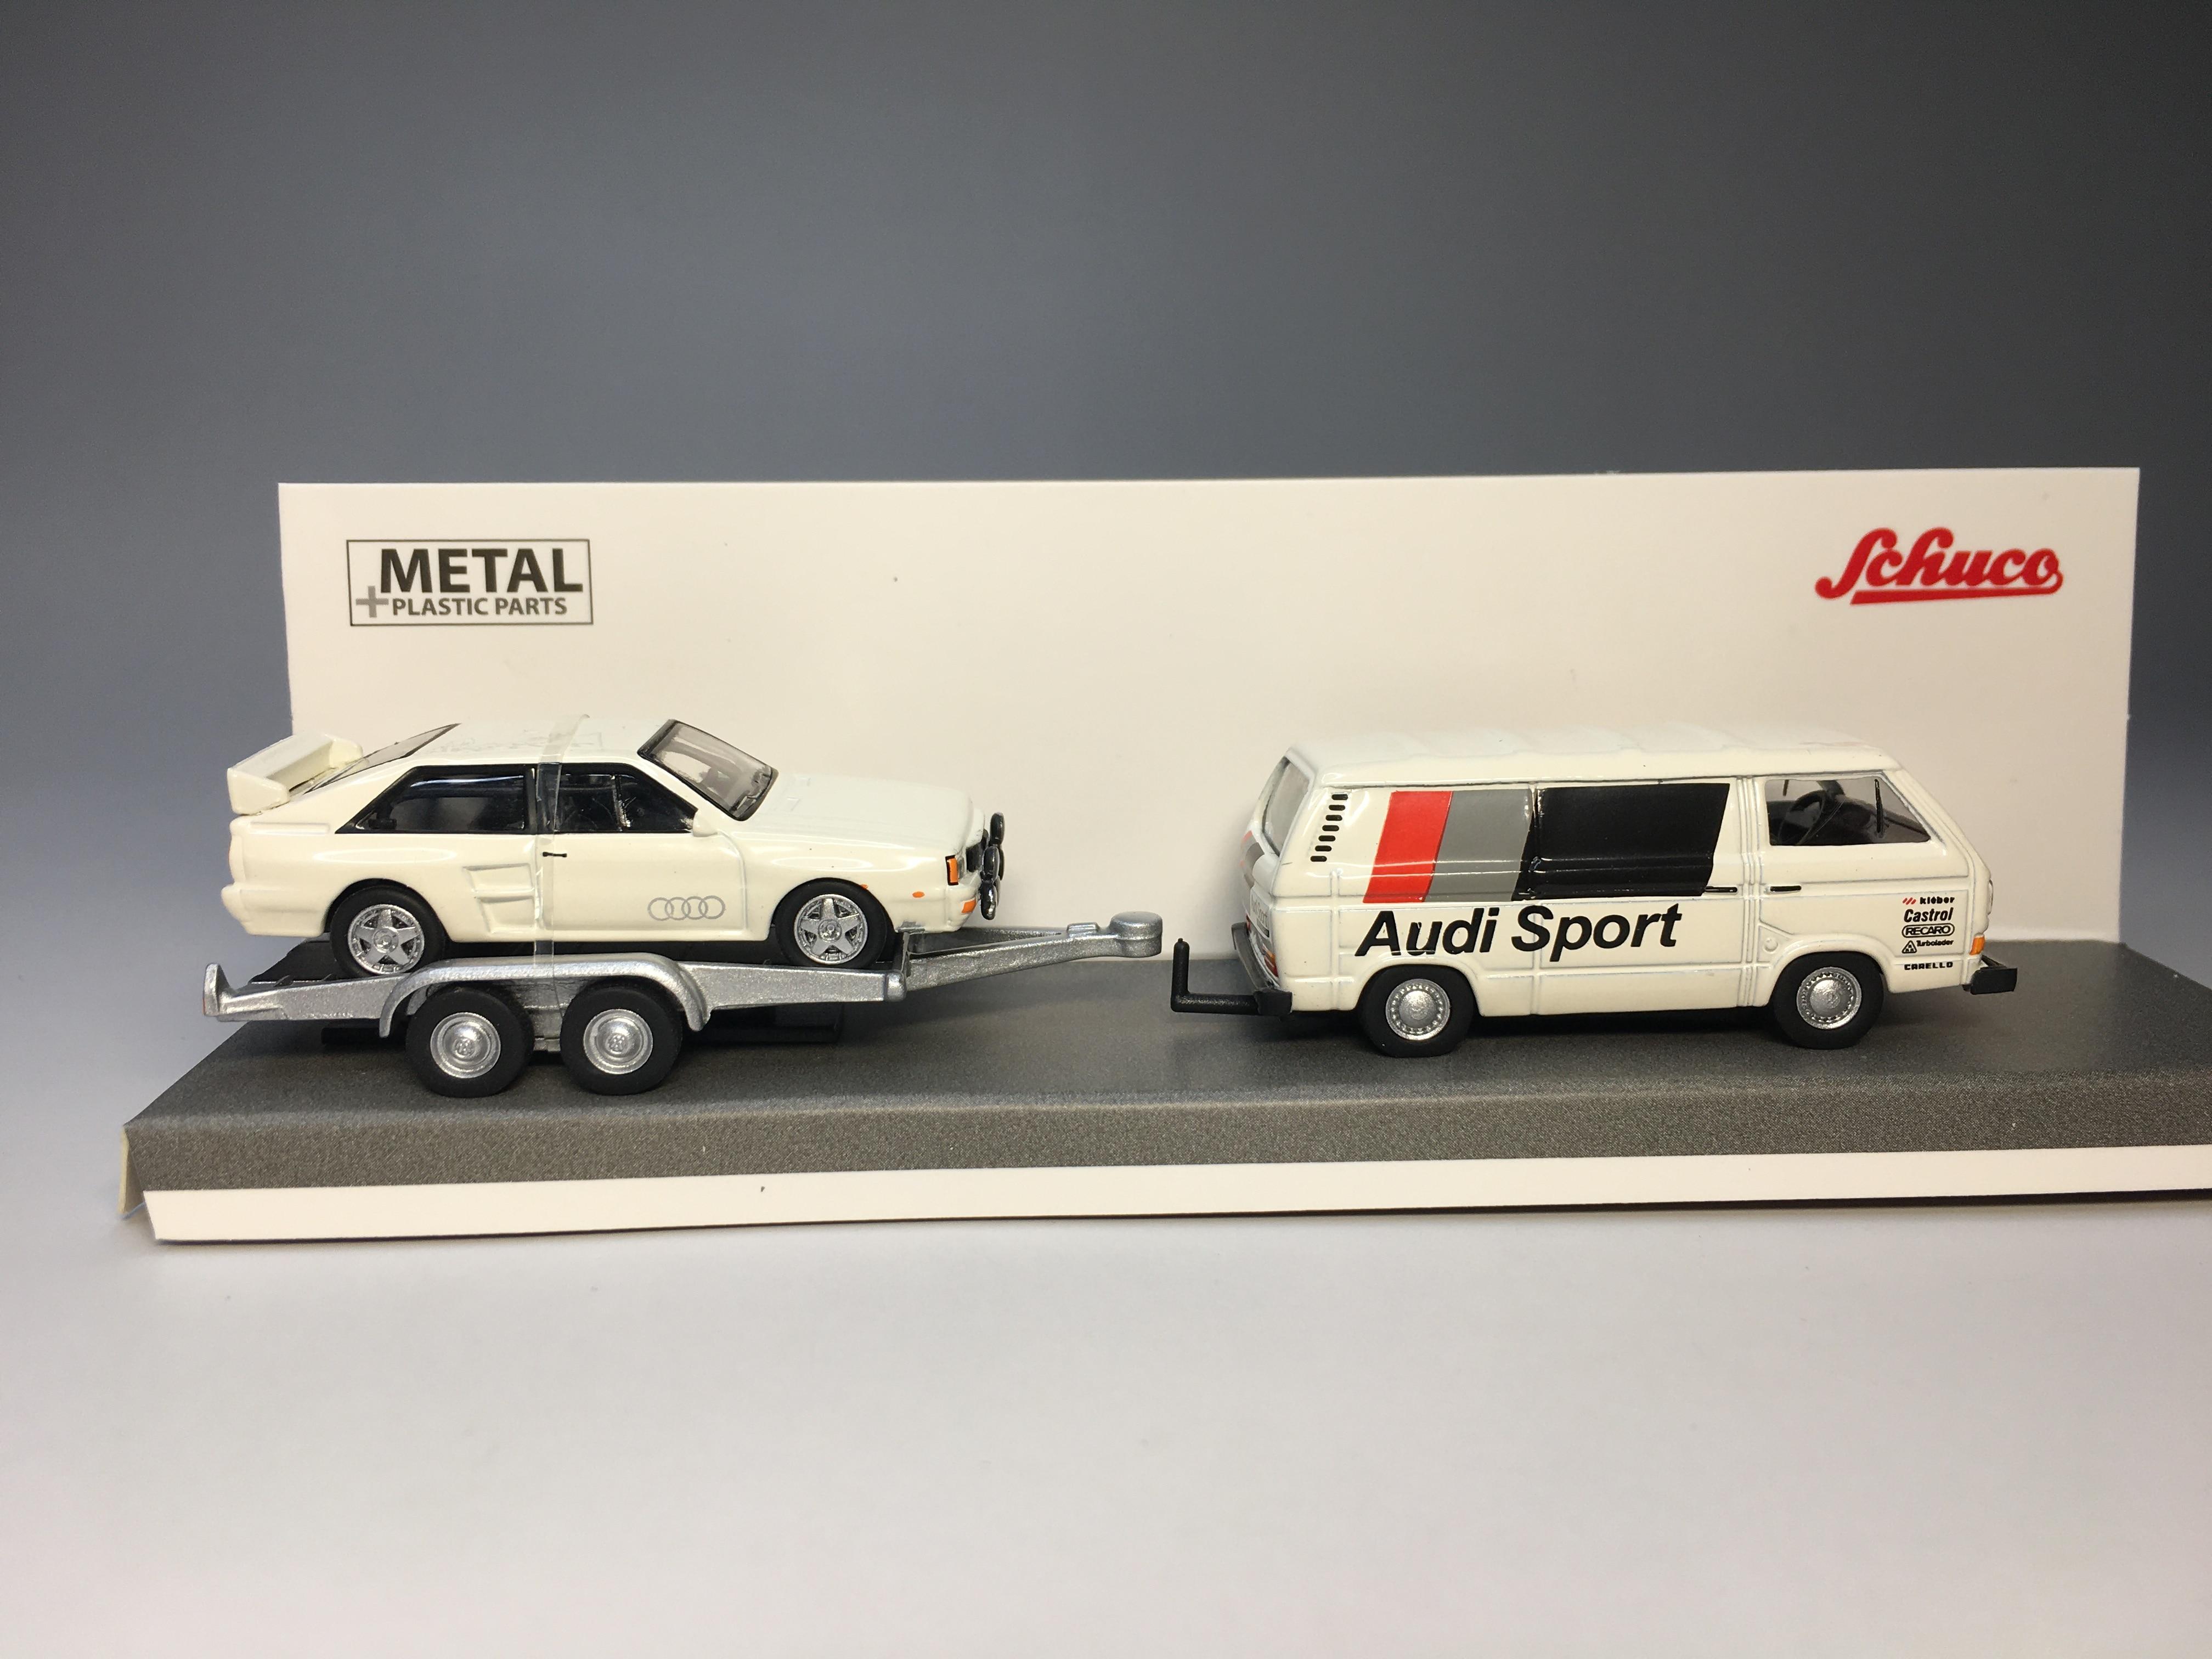 Schuco – cintre de Sport moulé sous pression, modèle de voiture de Collection limitée, VW T3b Audi, 1/87